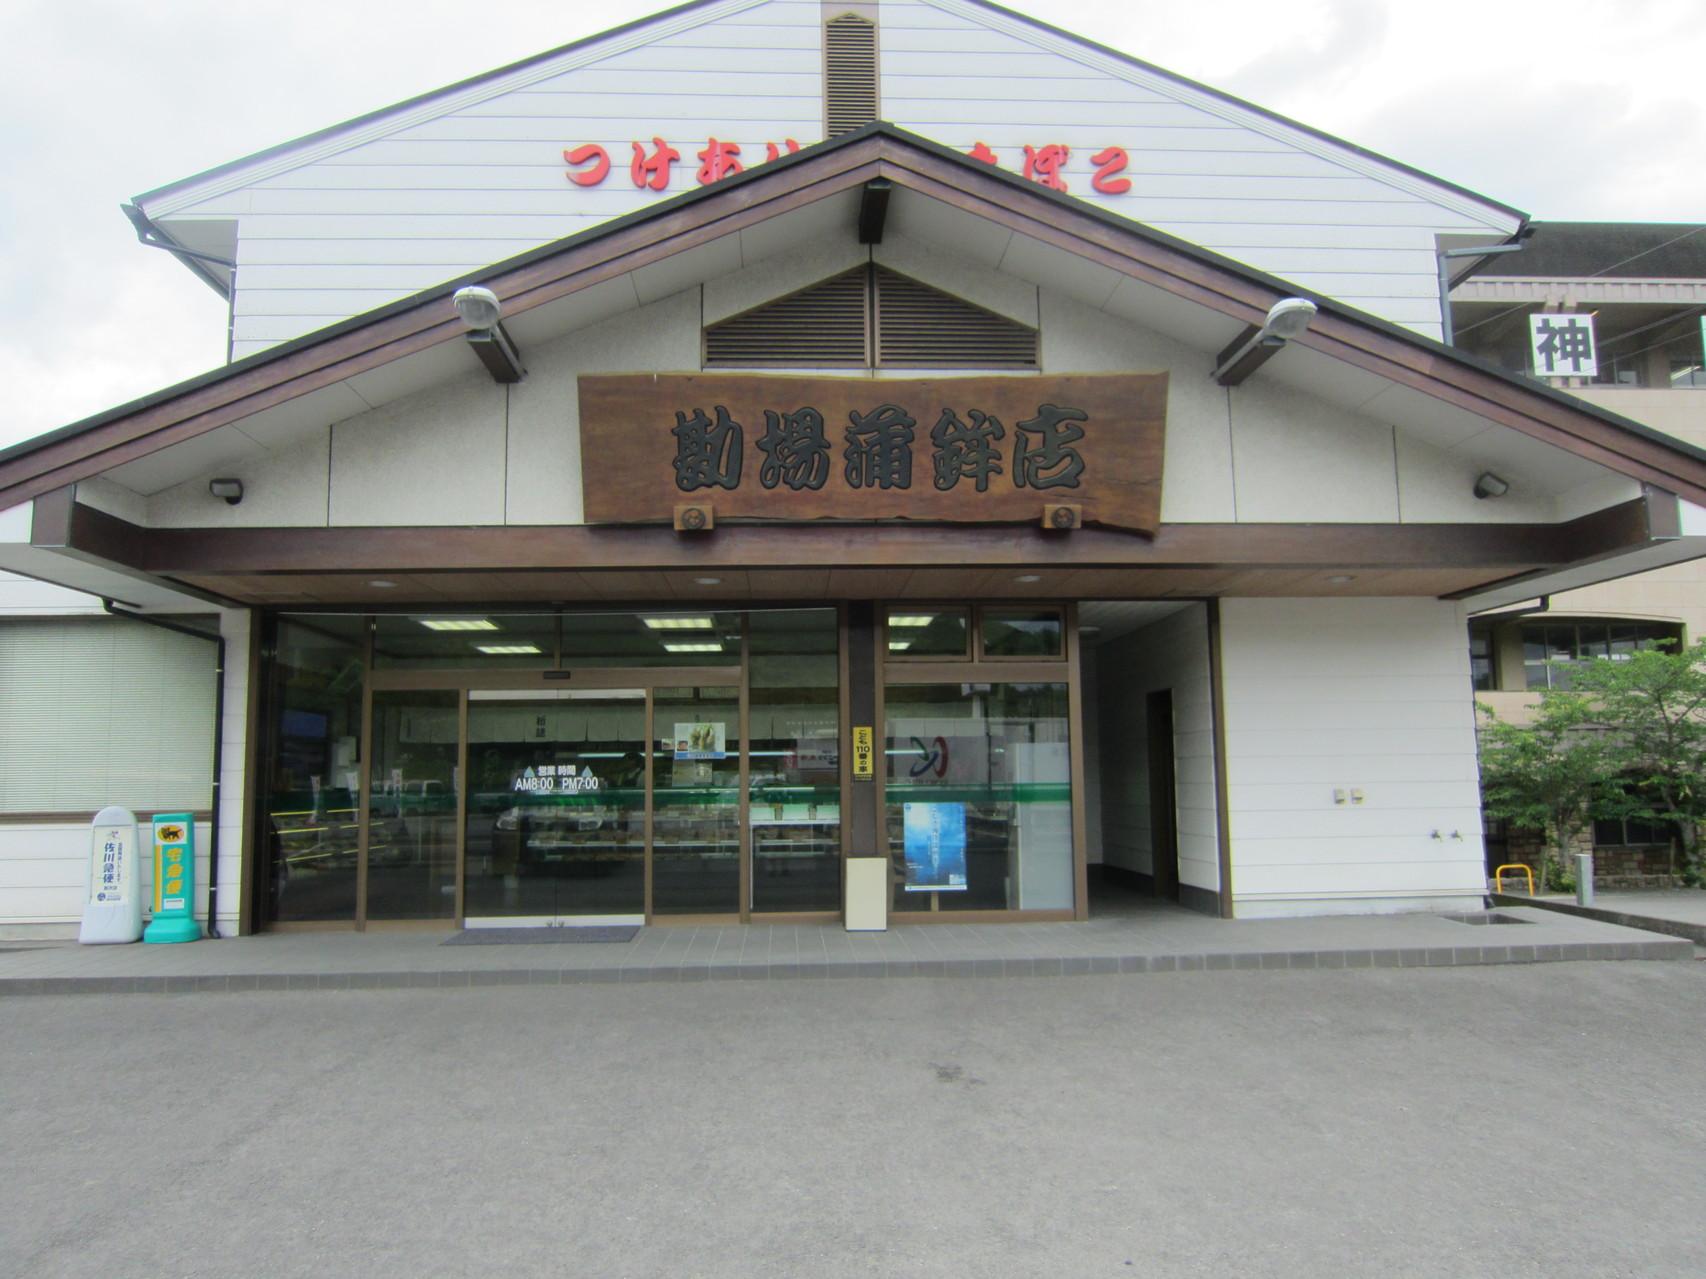 勘場蒲鉾店 神村学園前売店